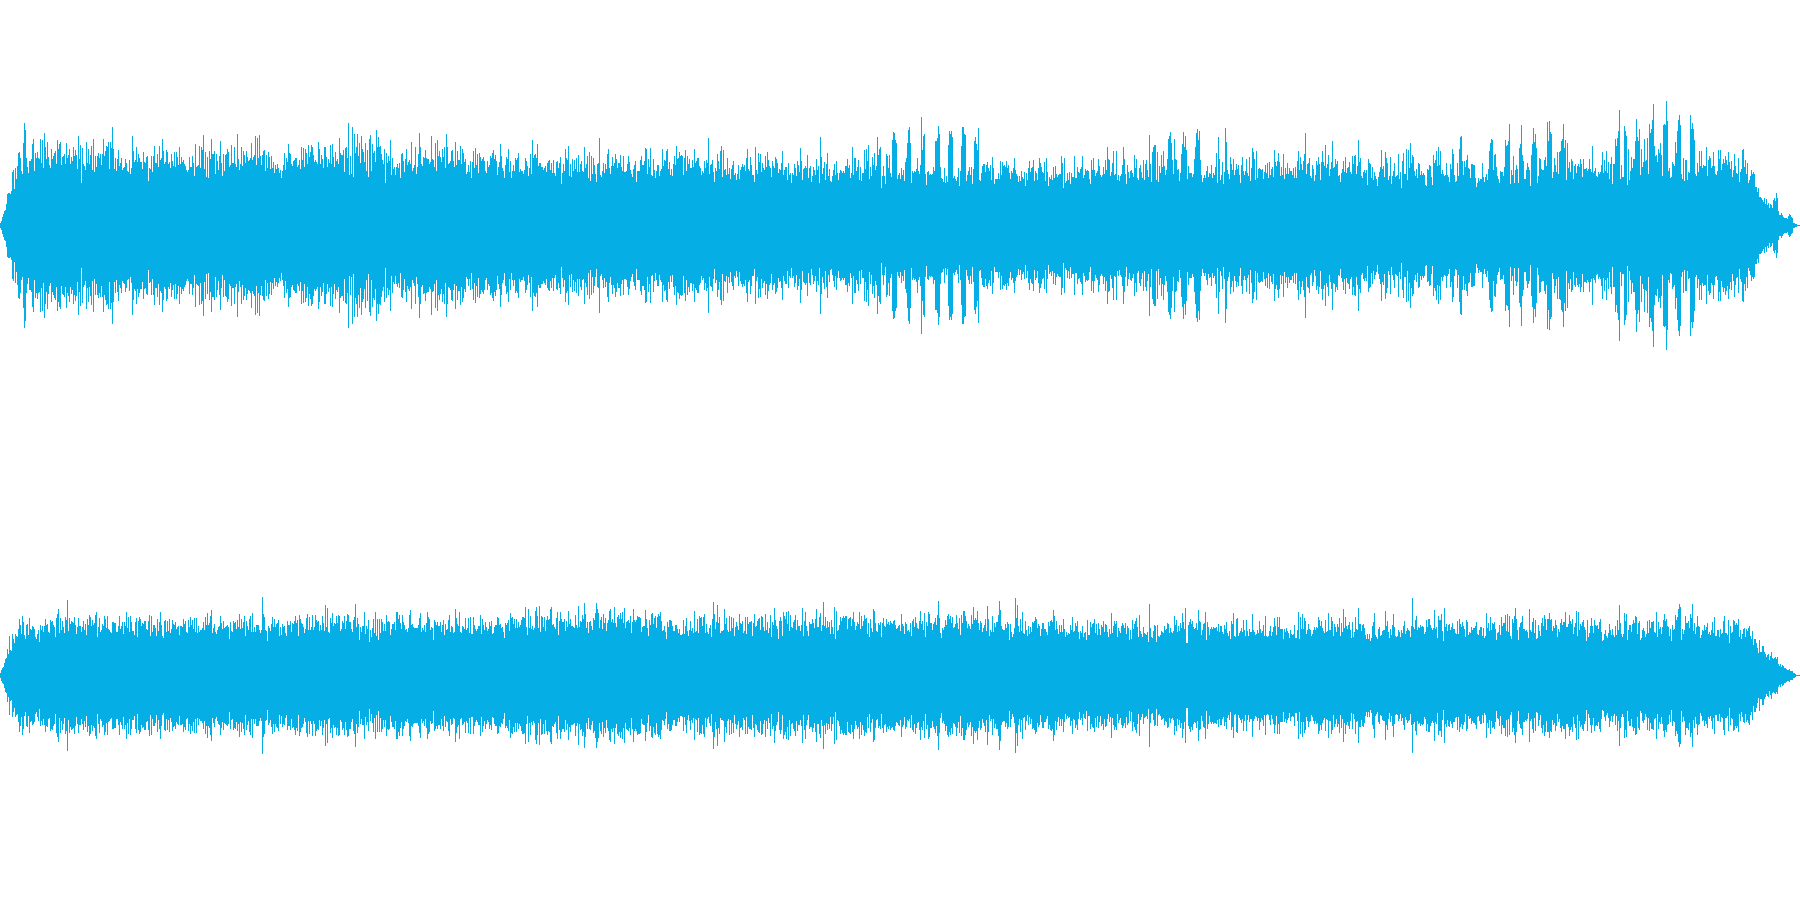 【生録音】秋の虫たちが鳴く音5の再生済みの波形